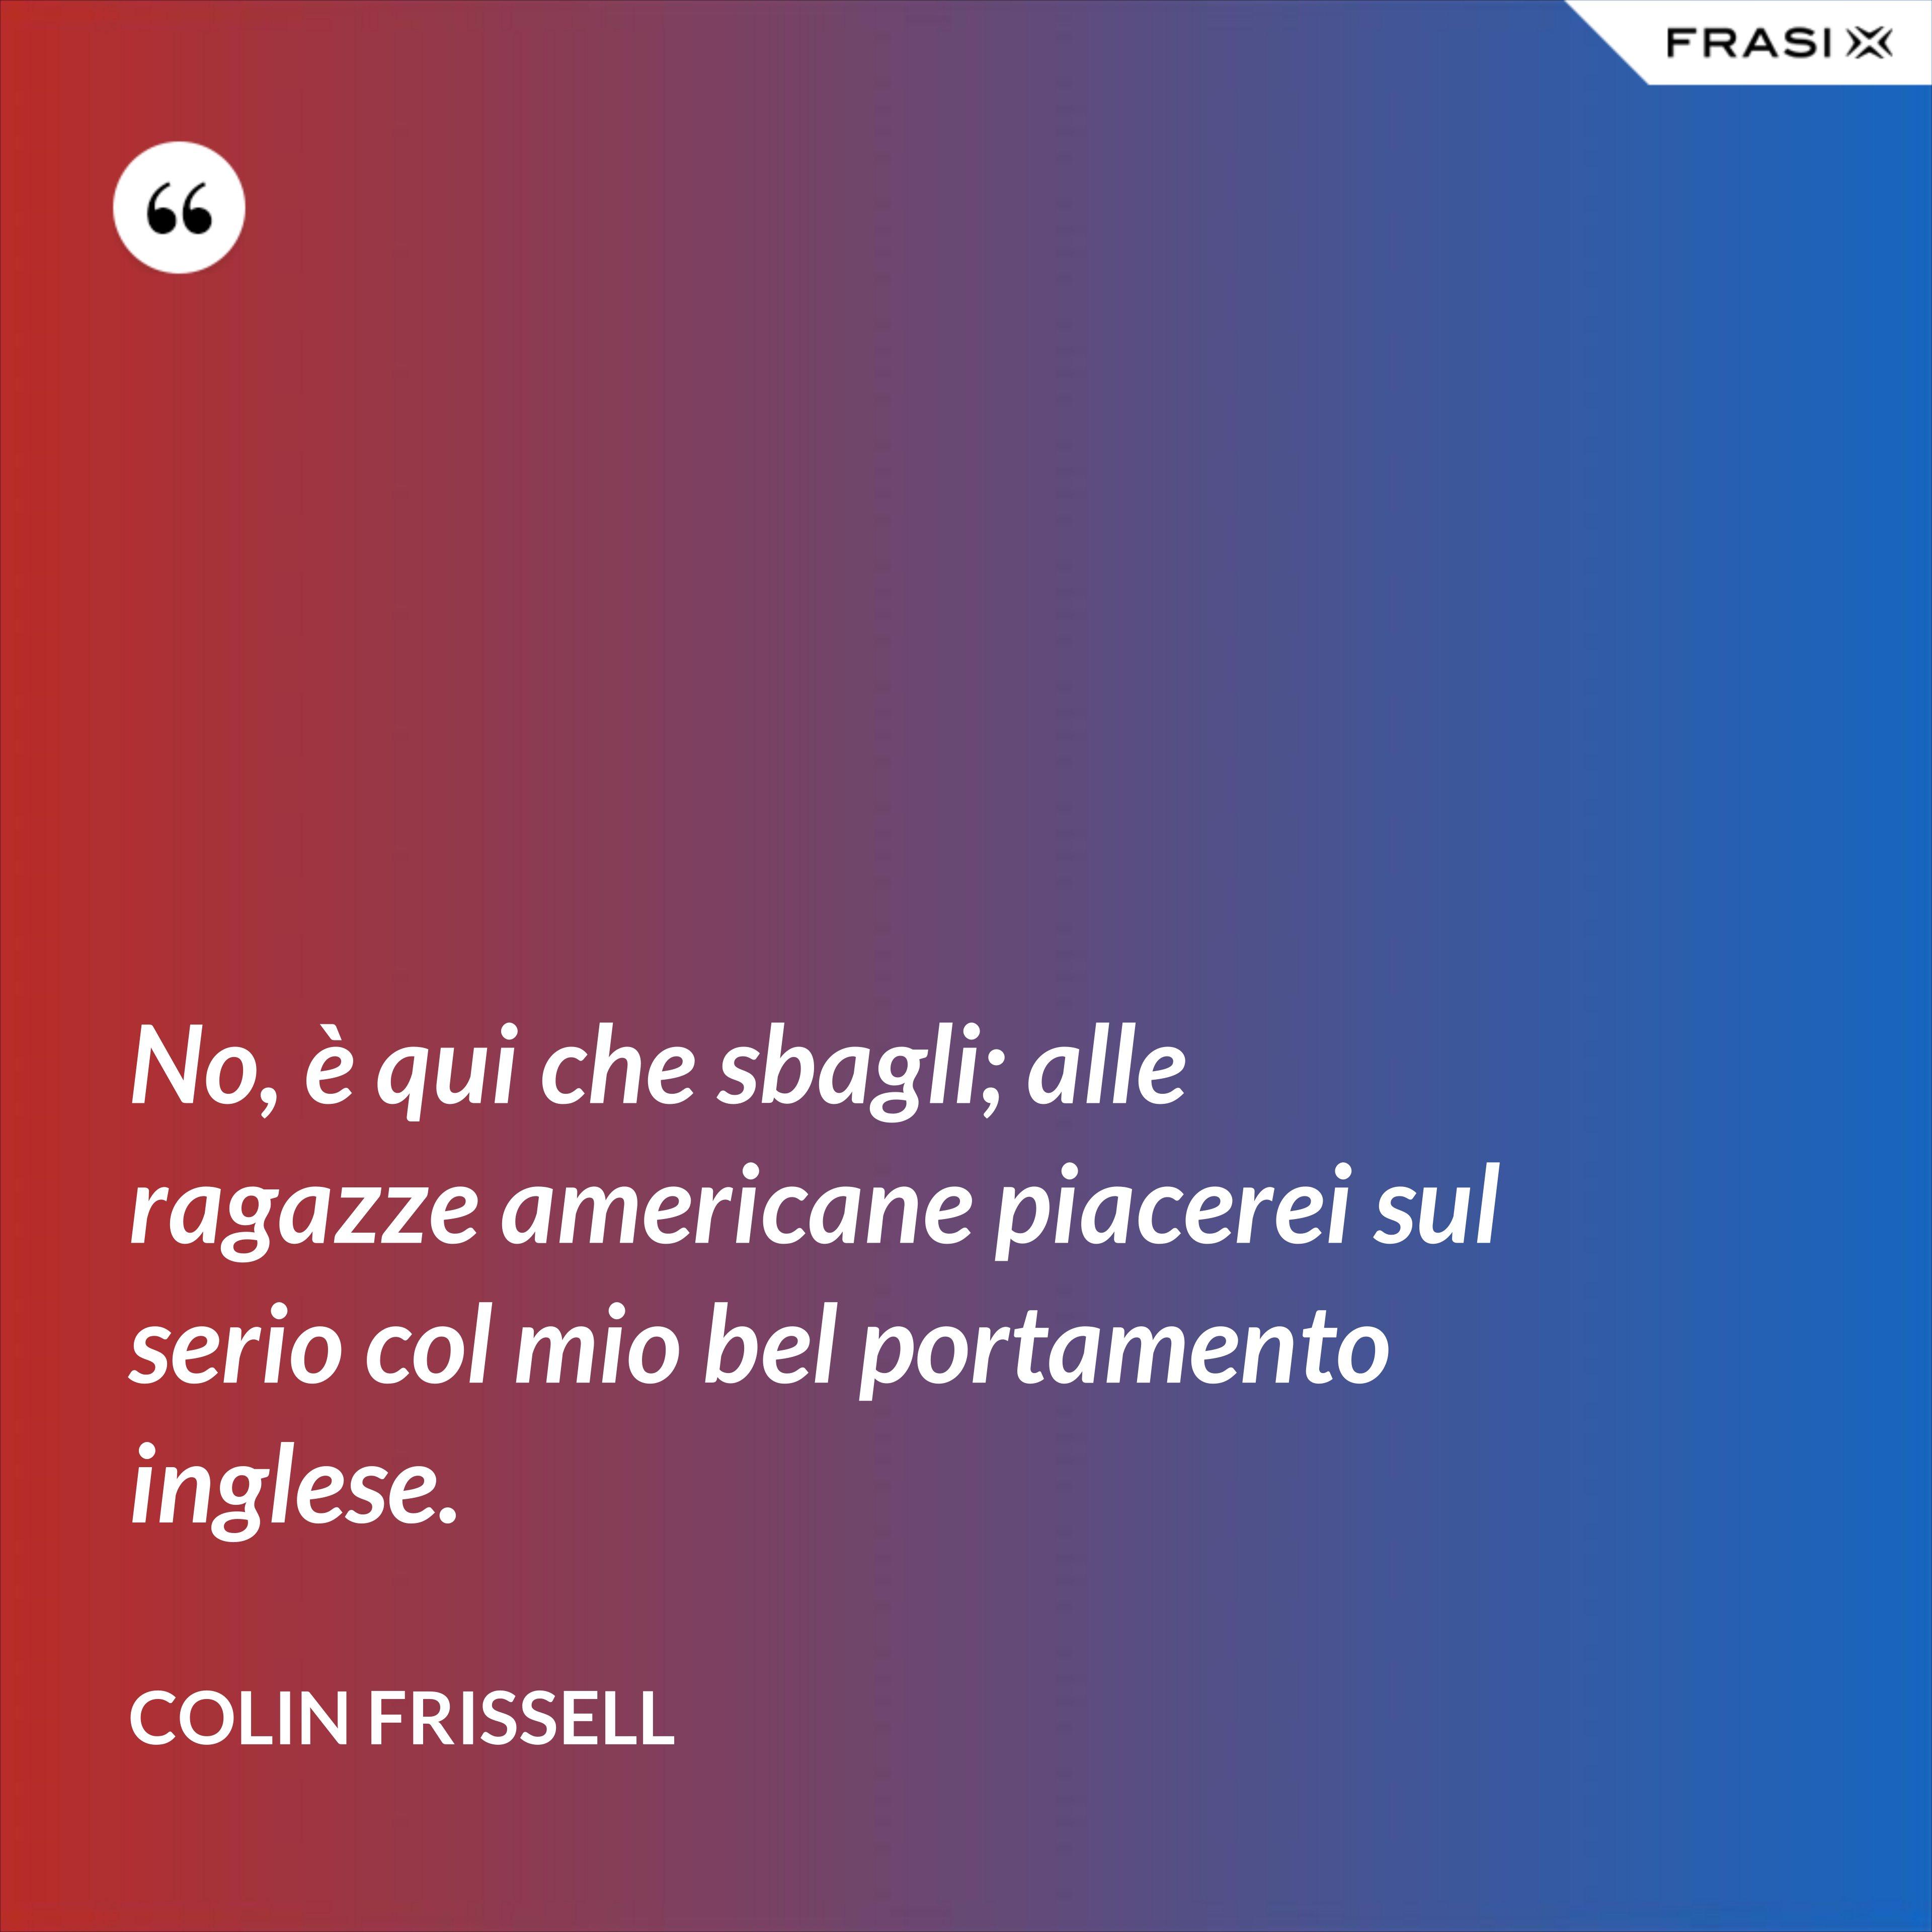 No, è qui che sbagli; alle ragazze americane piacerei sul serio col mio bel portamento inglese. - Colin Frissell